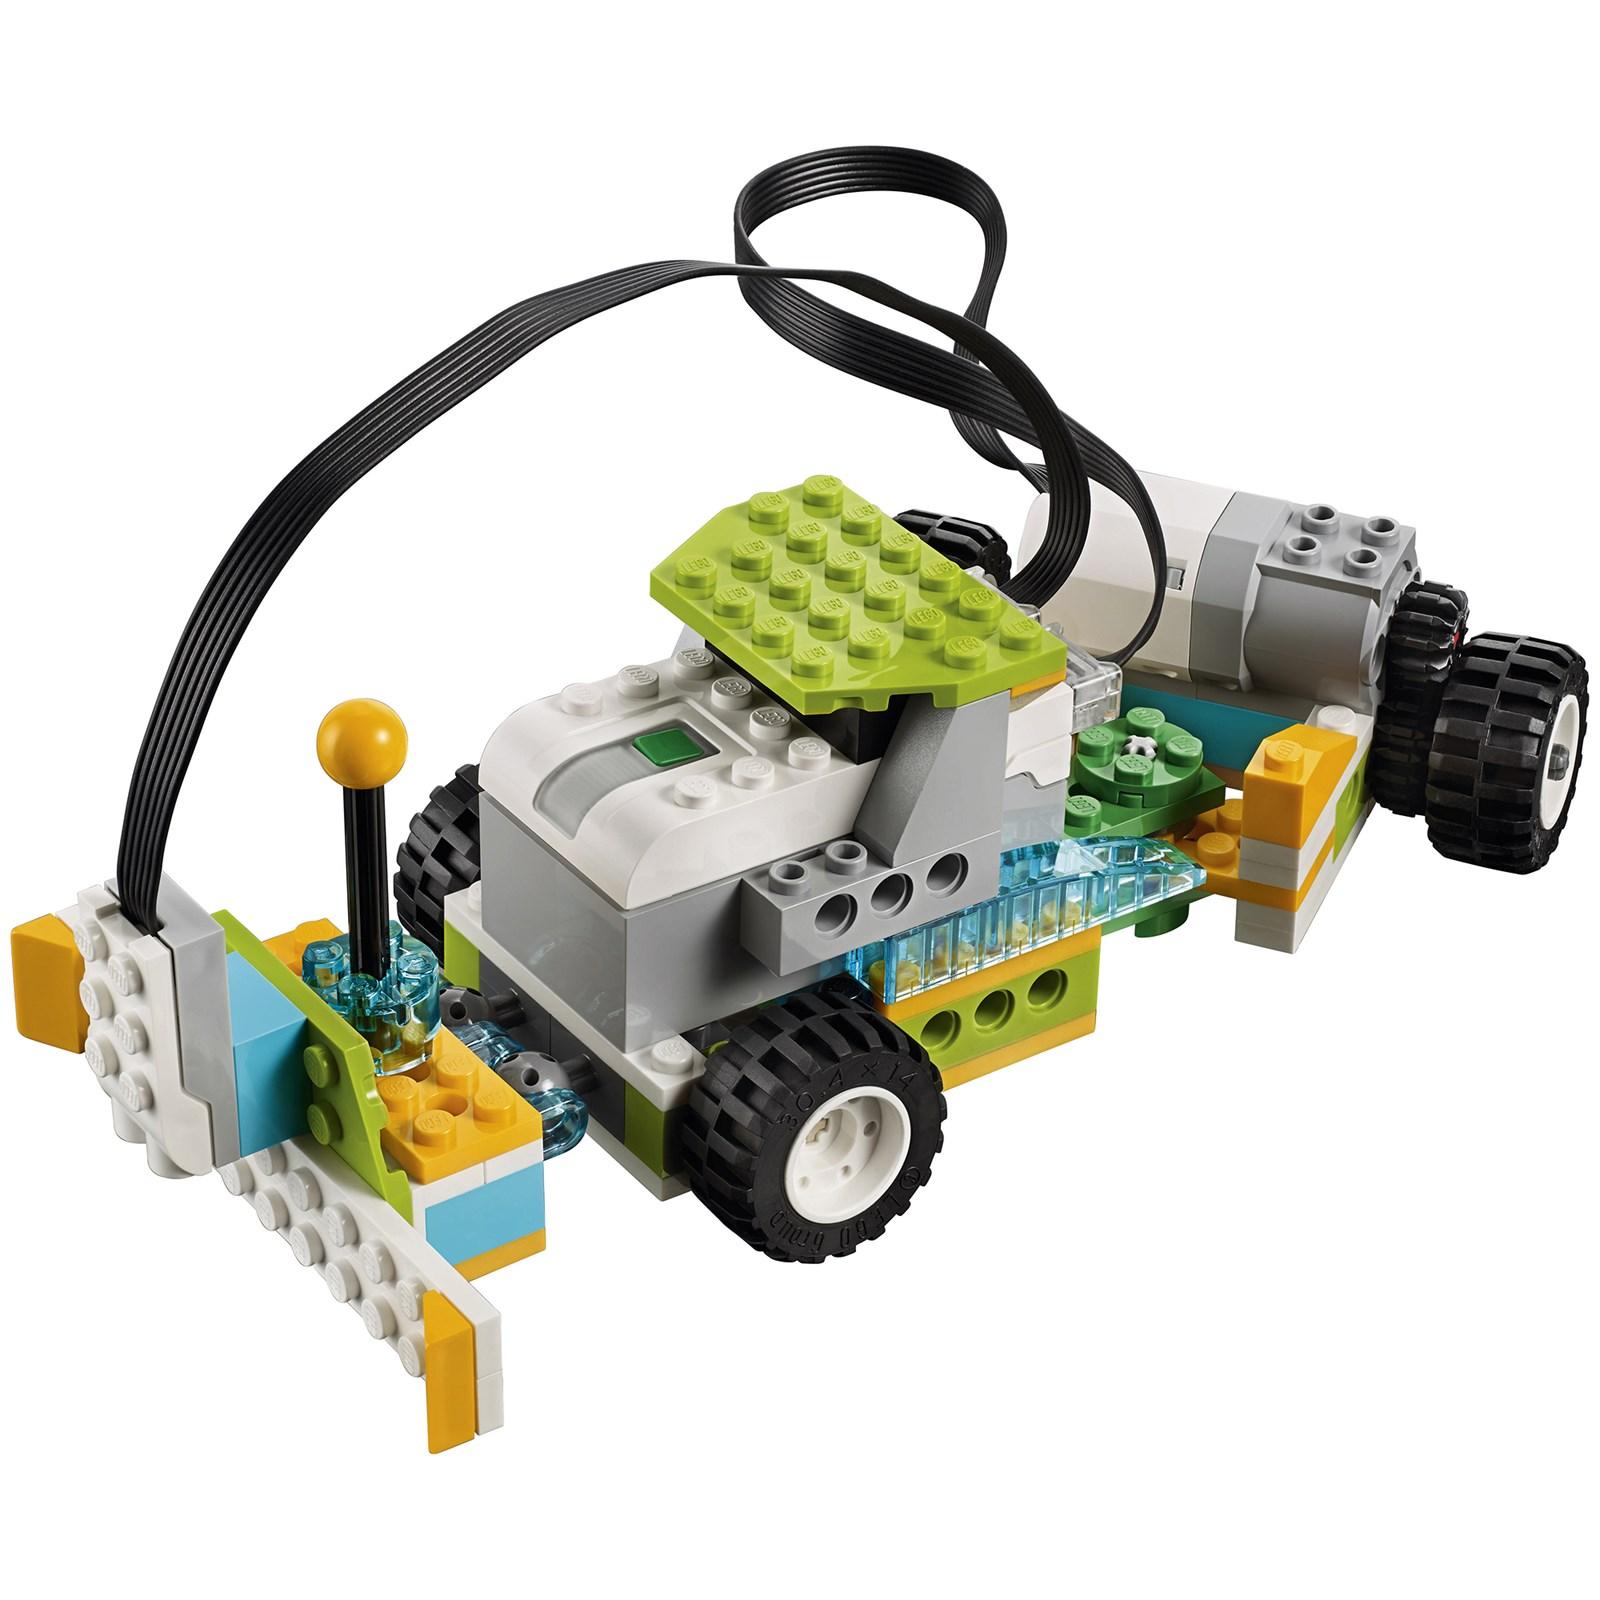 LEGO WEDO2 : Stage robotique enfants Lego WeDo 2.0 (7-10 ...